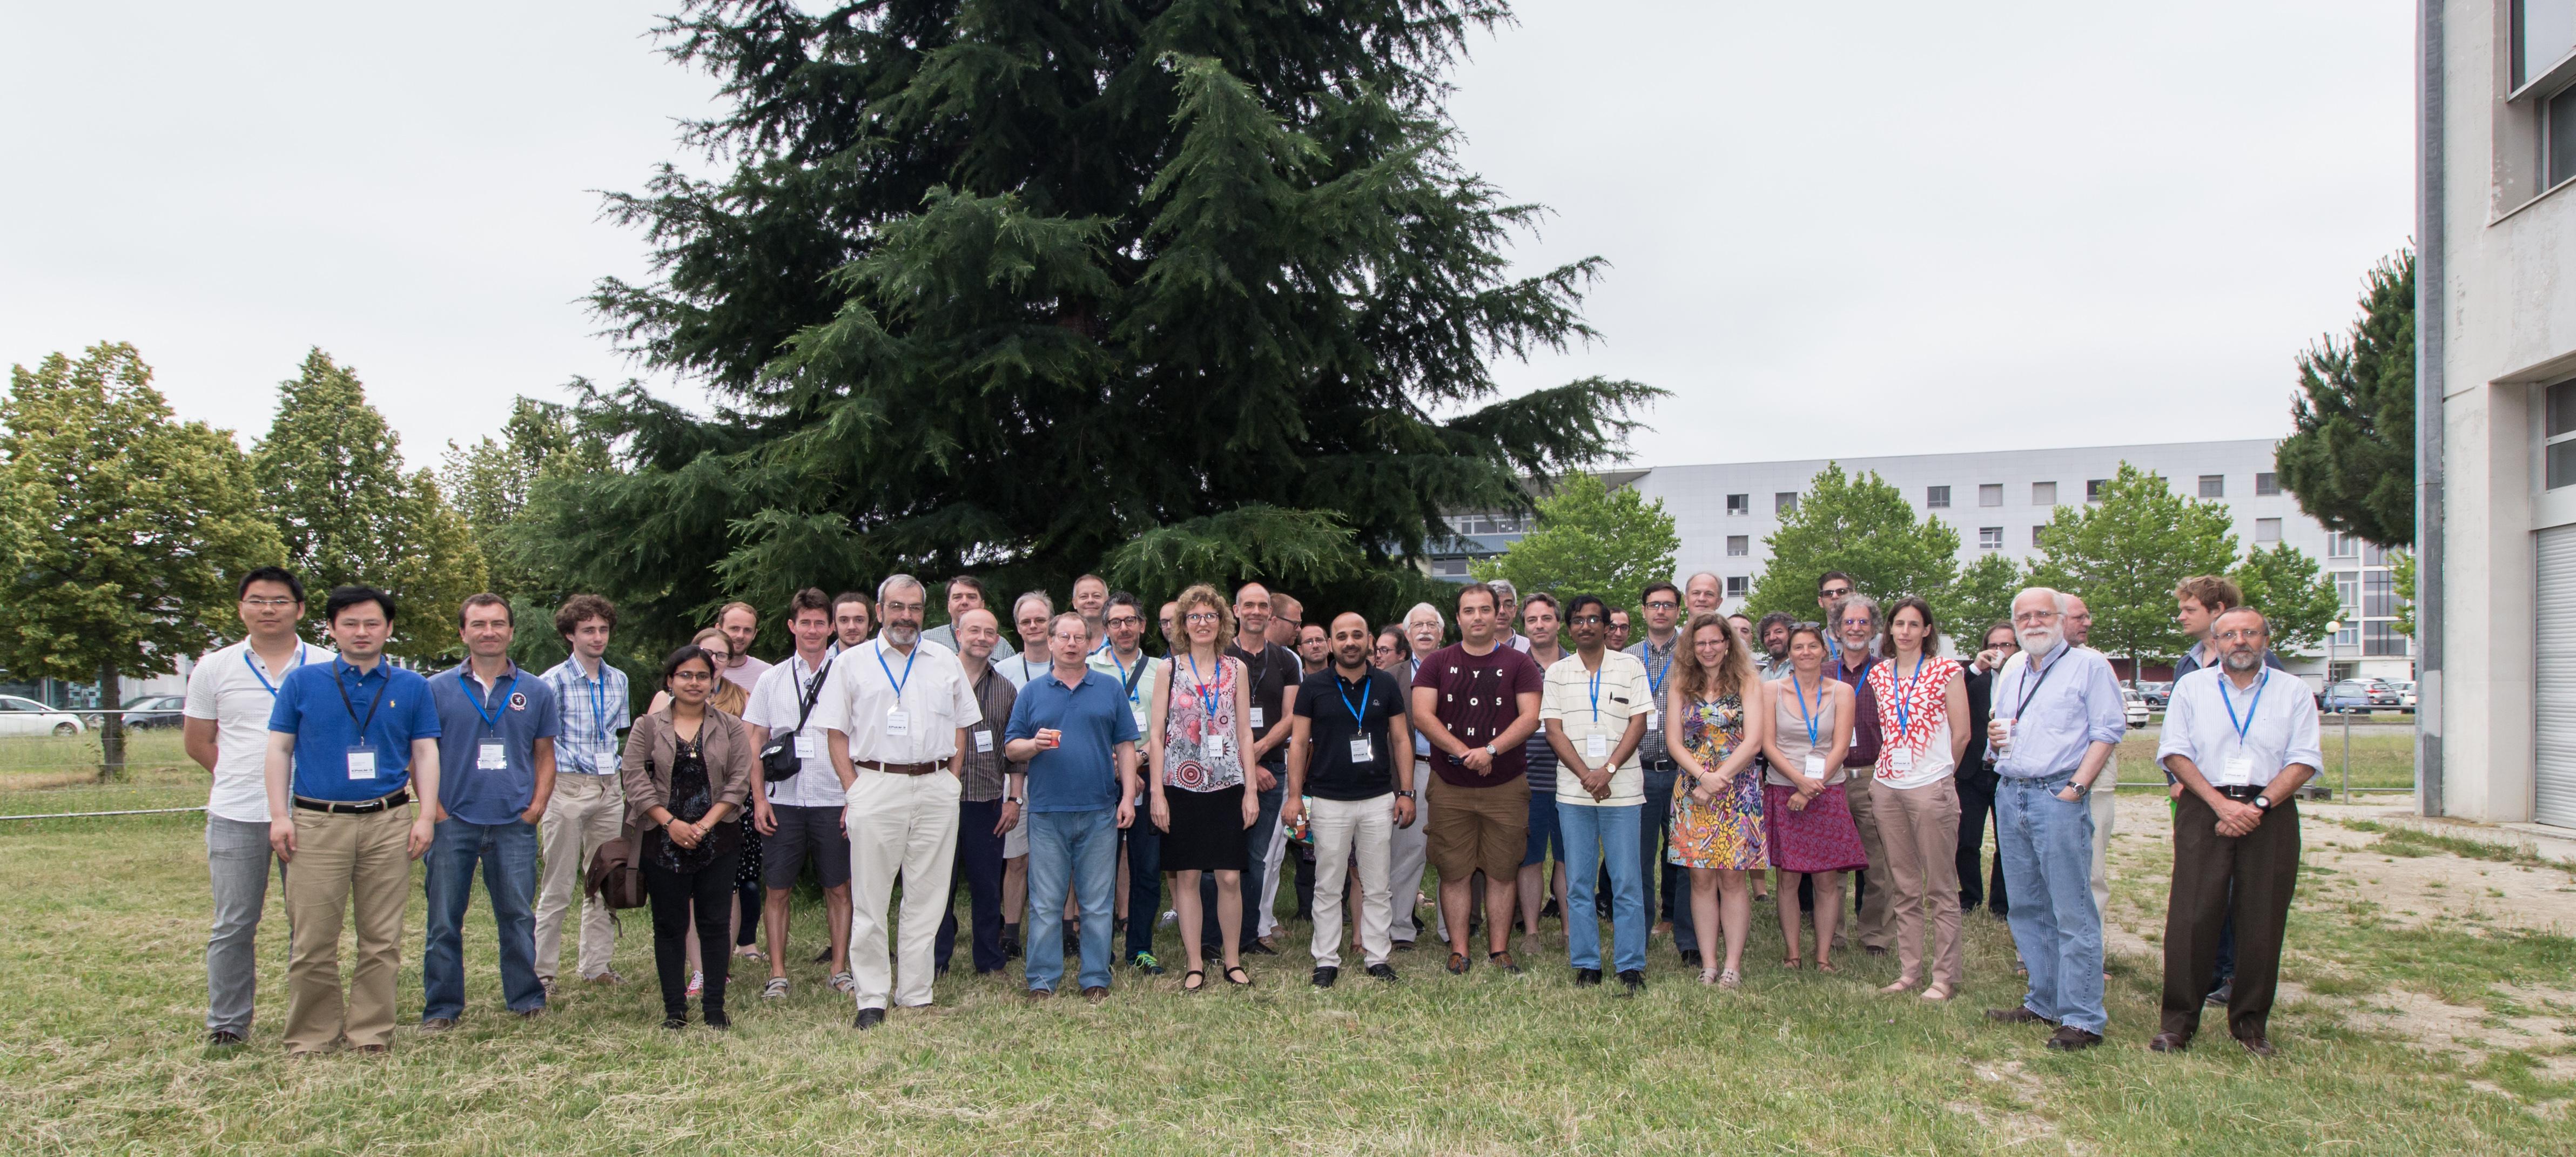 EPoLM-3 participants